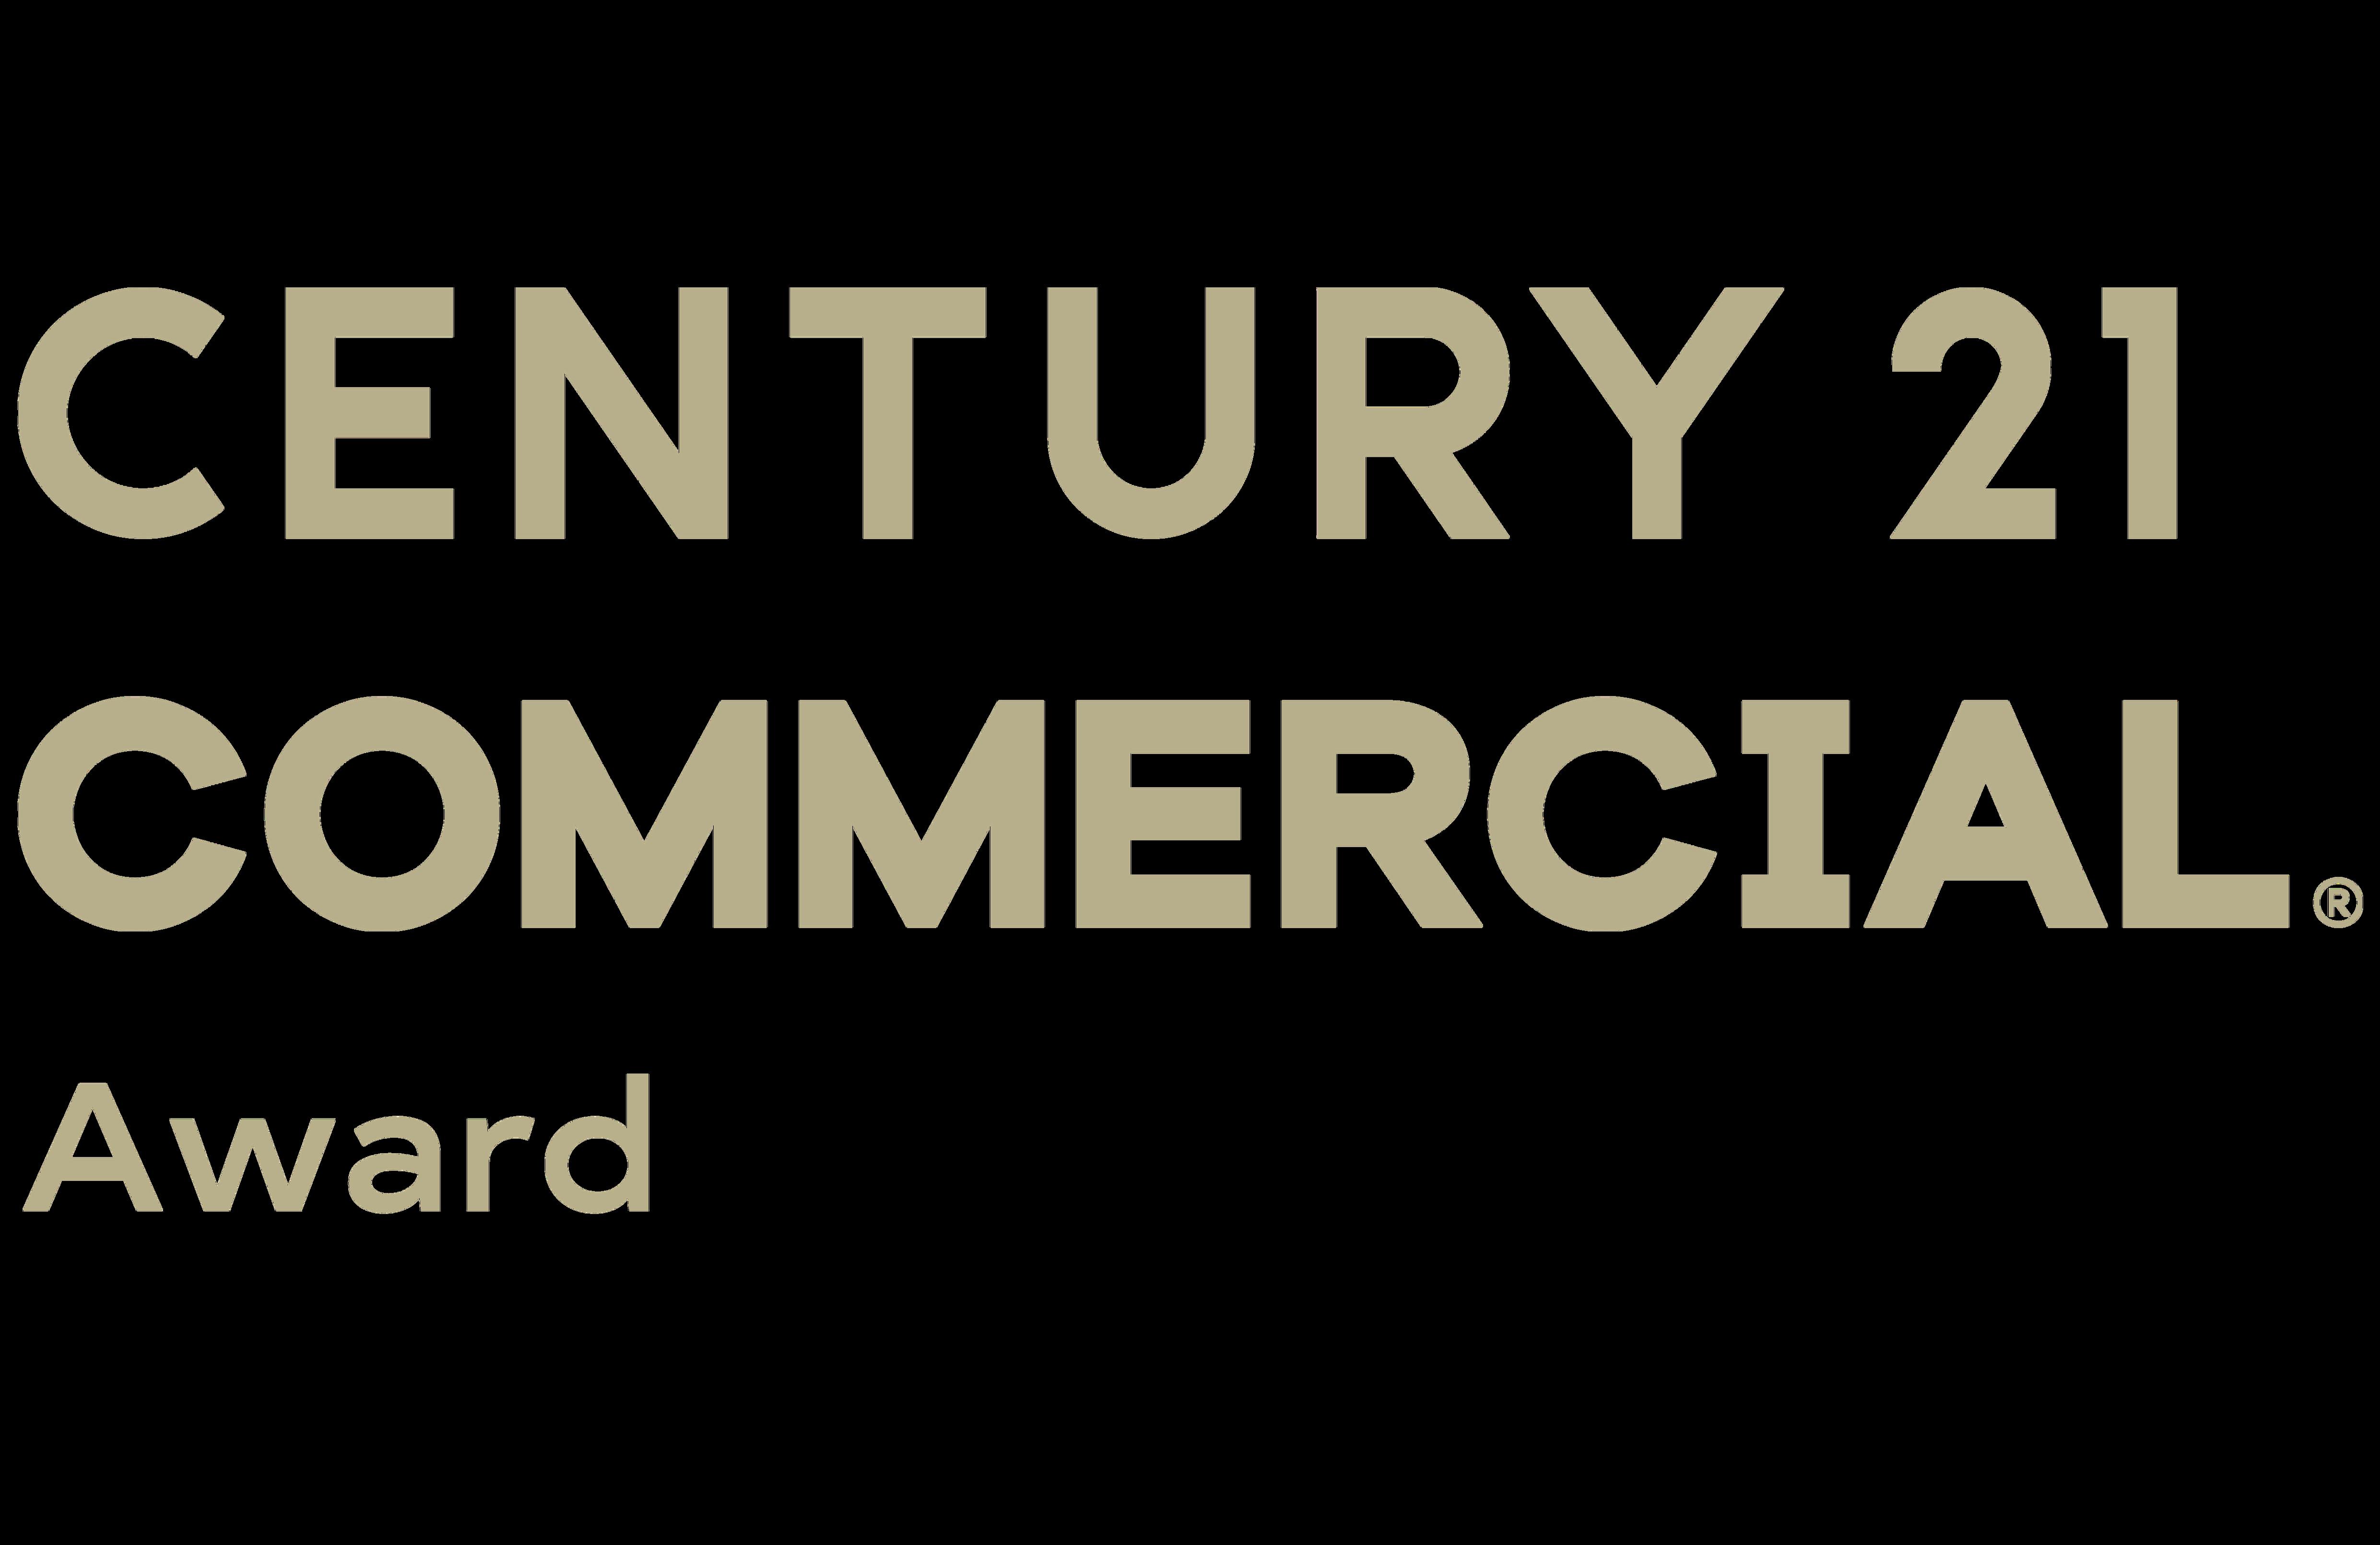 Dan W. Yeilding of CENTURY 21 Award logo